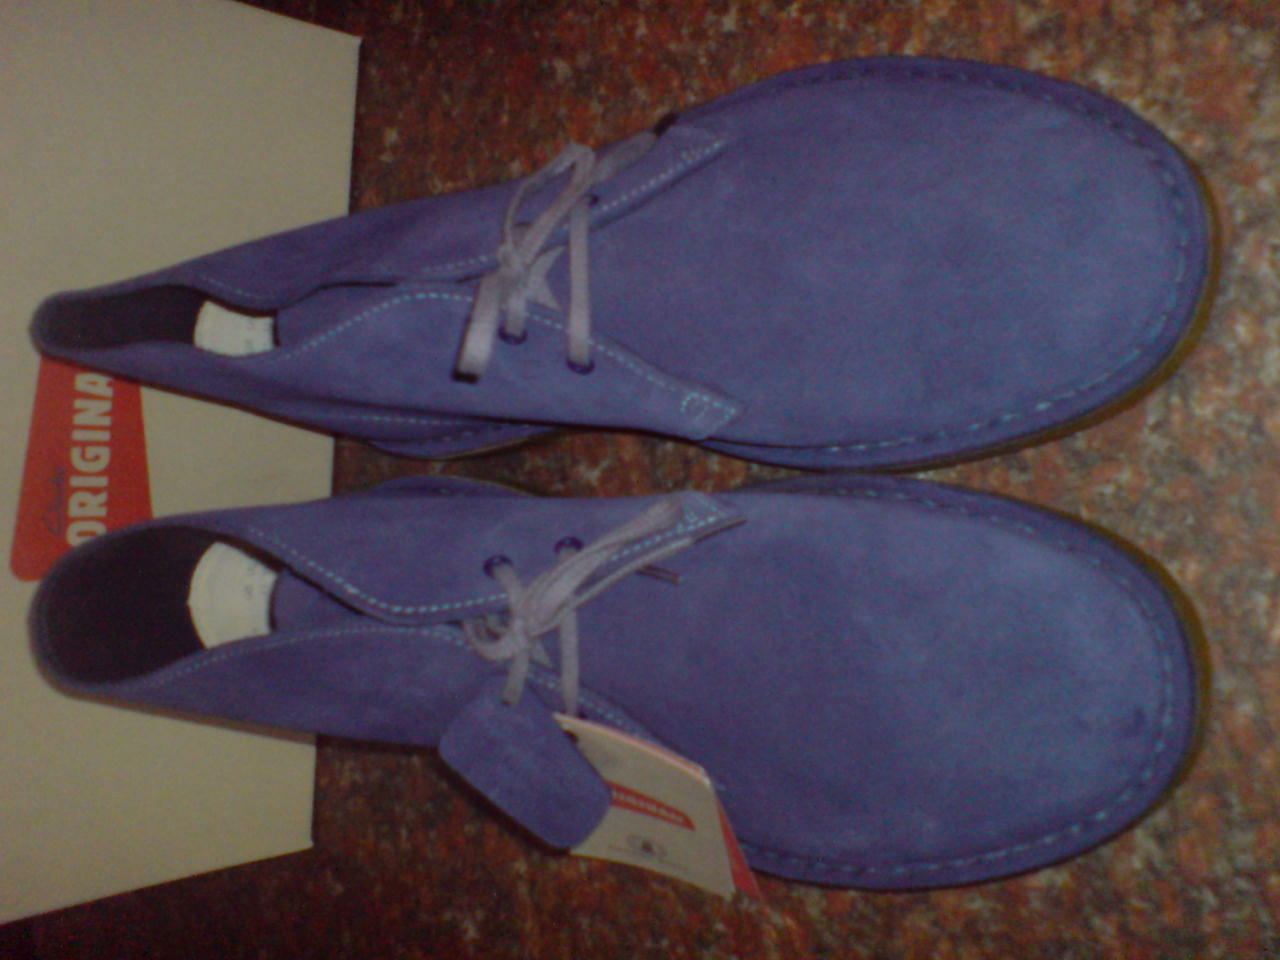 NUOVE Clarks original original original Uomo ** Deserto Stivali in pelle scamosciata blu scuro ** ** F 463bff